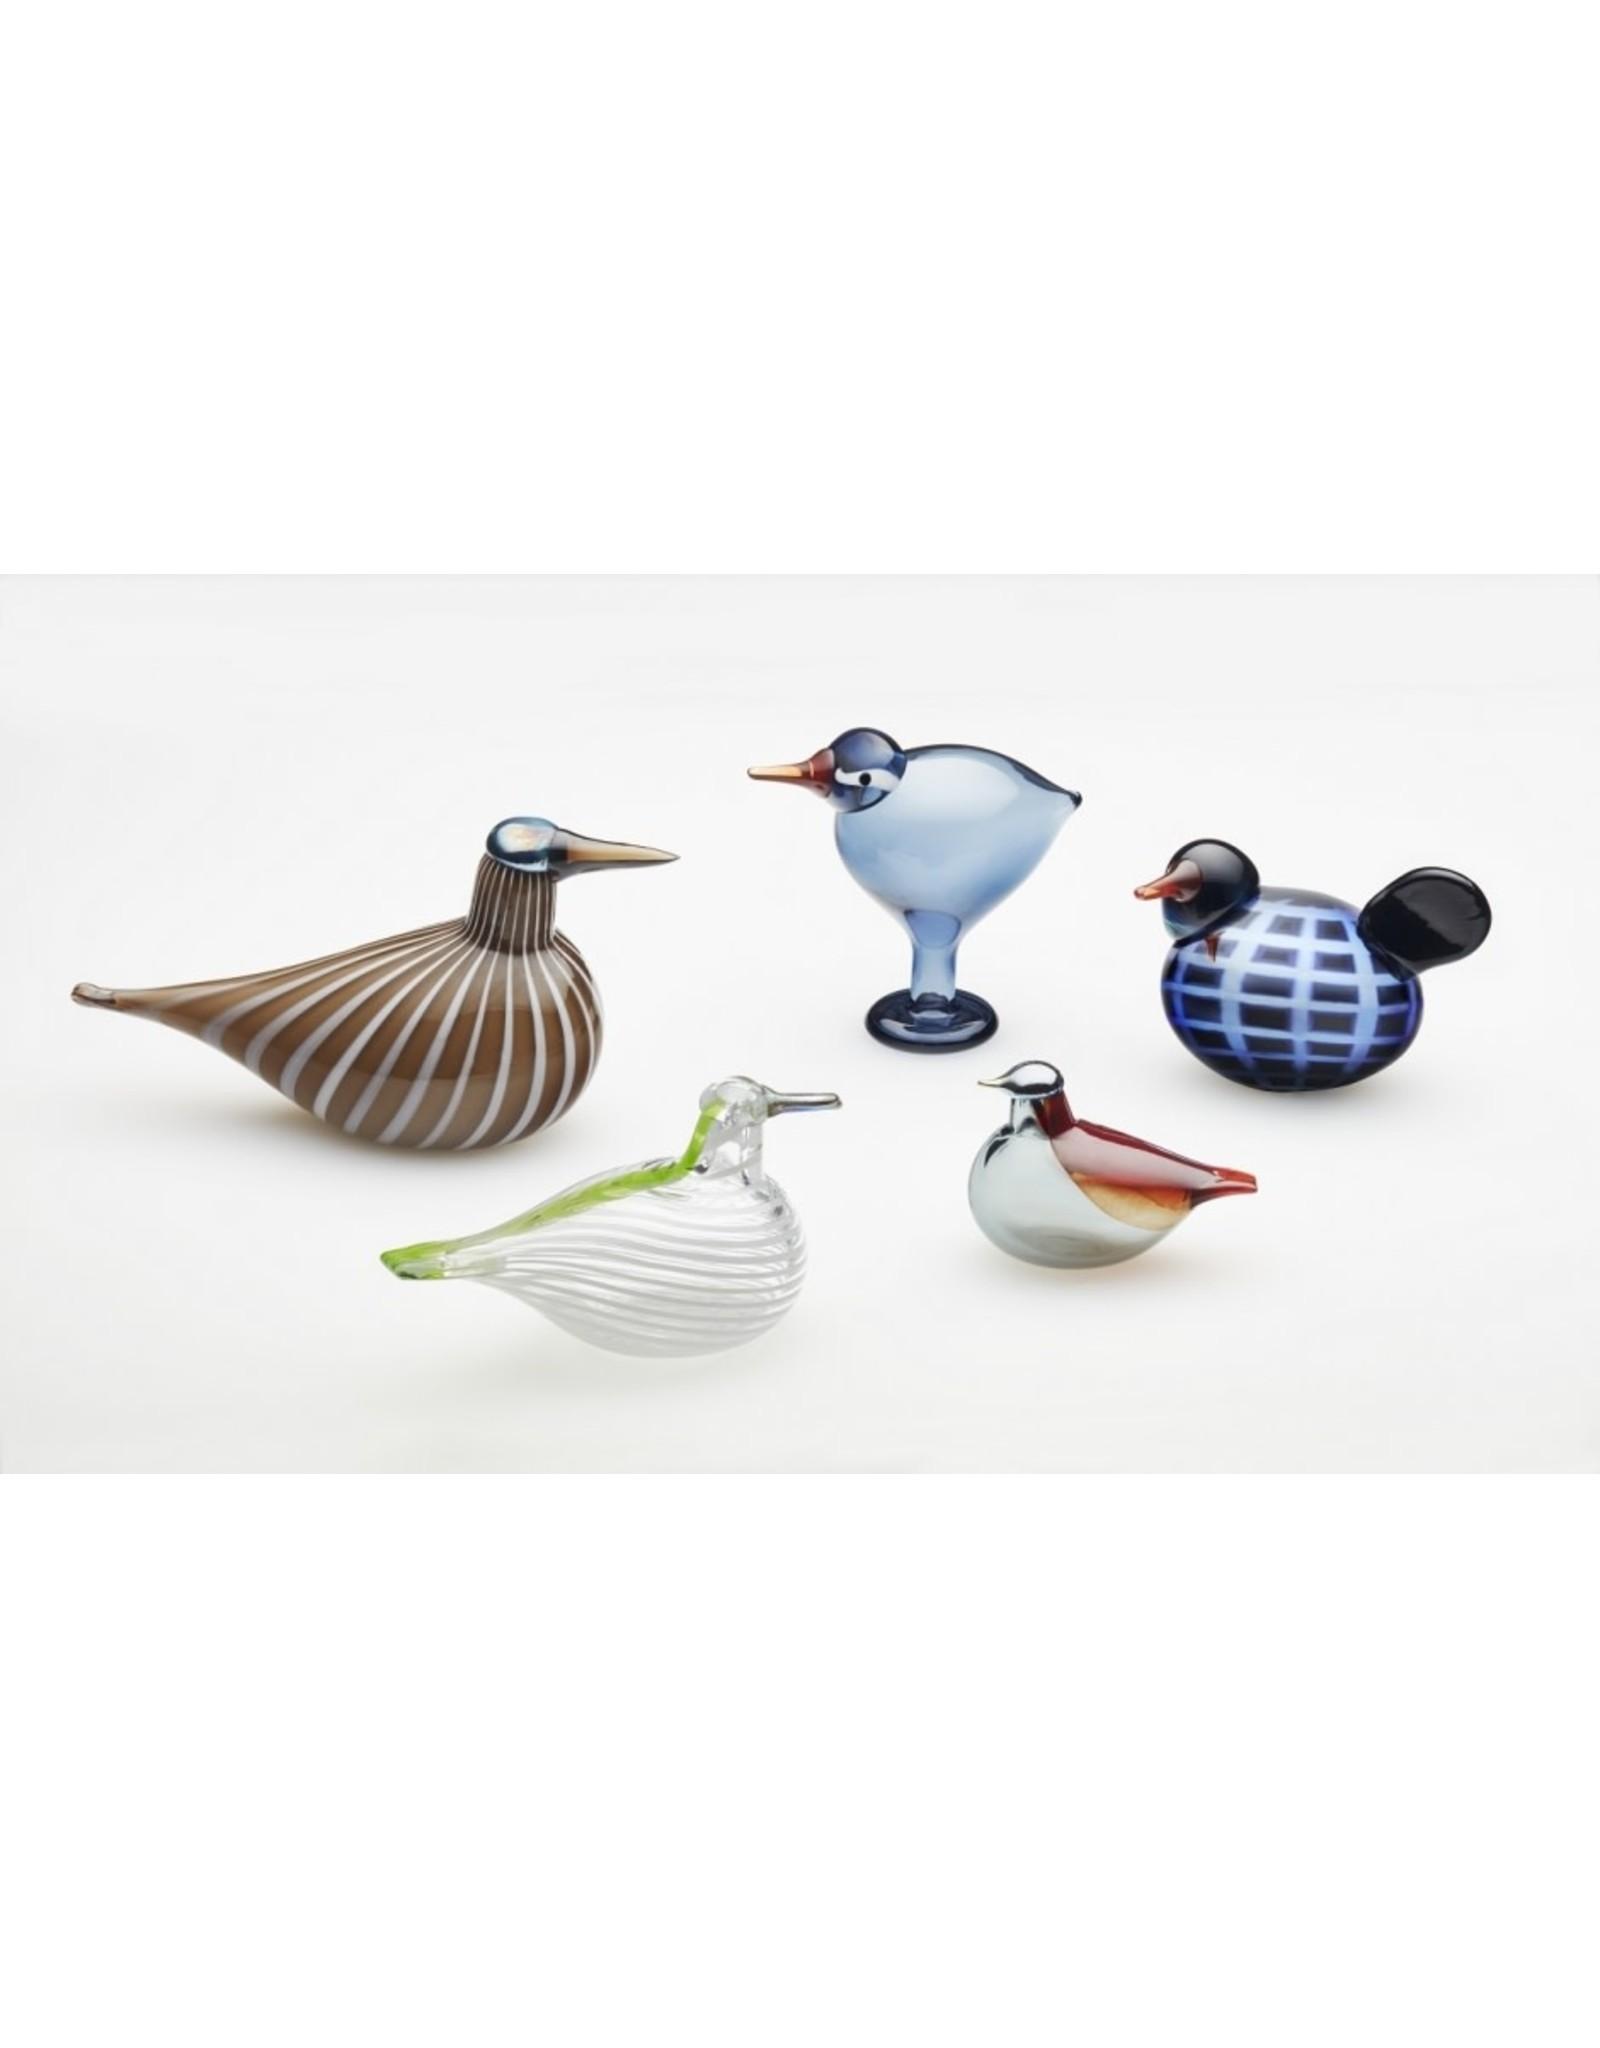 BIRDS BY TOIKKA HONG KONG BIRD